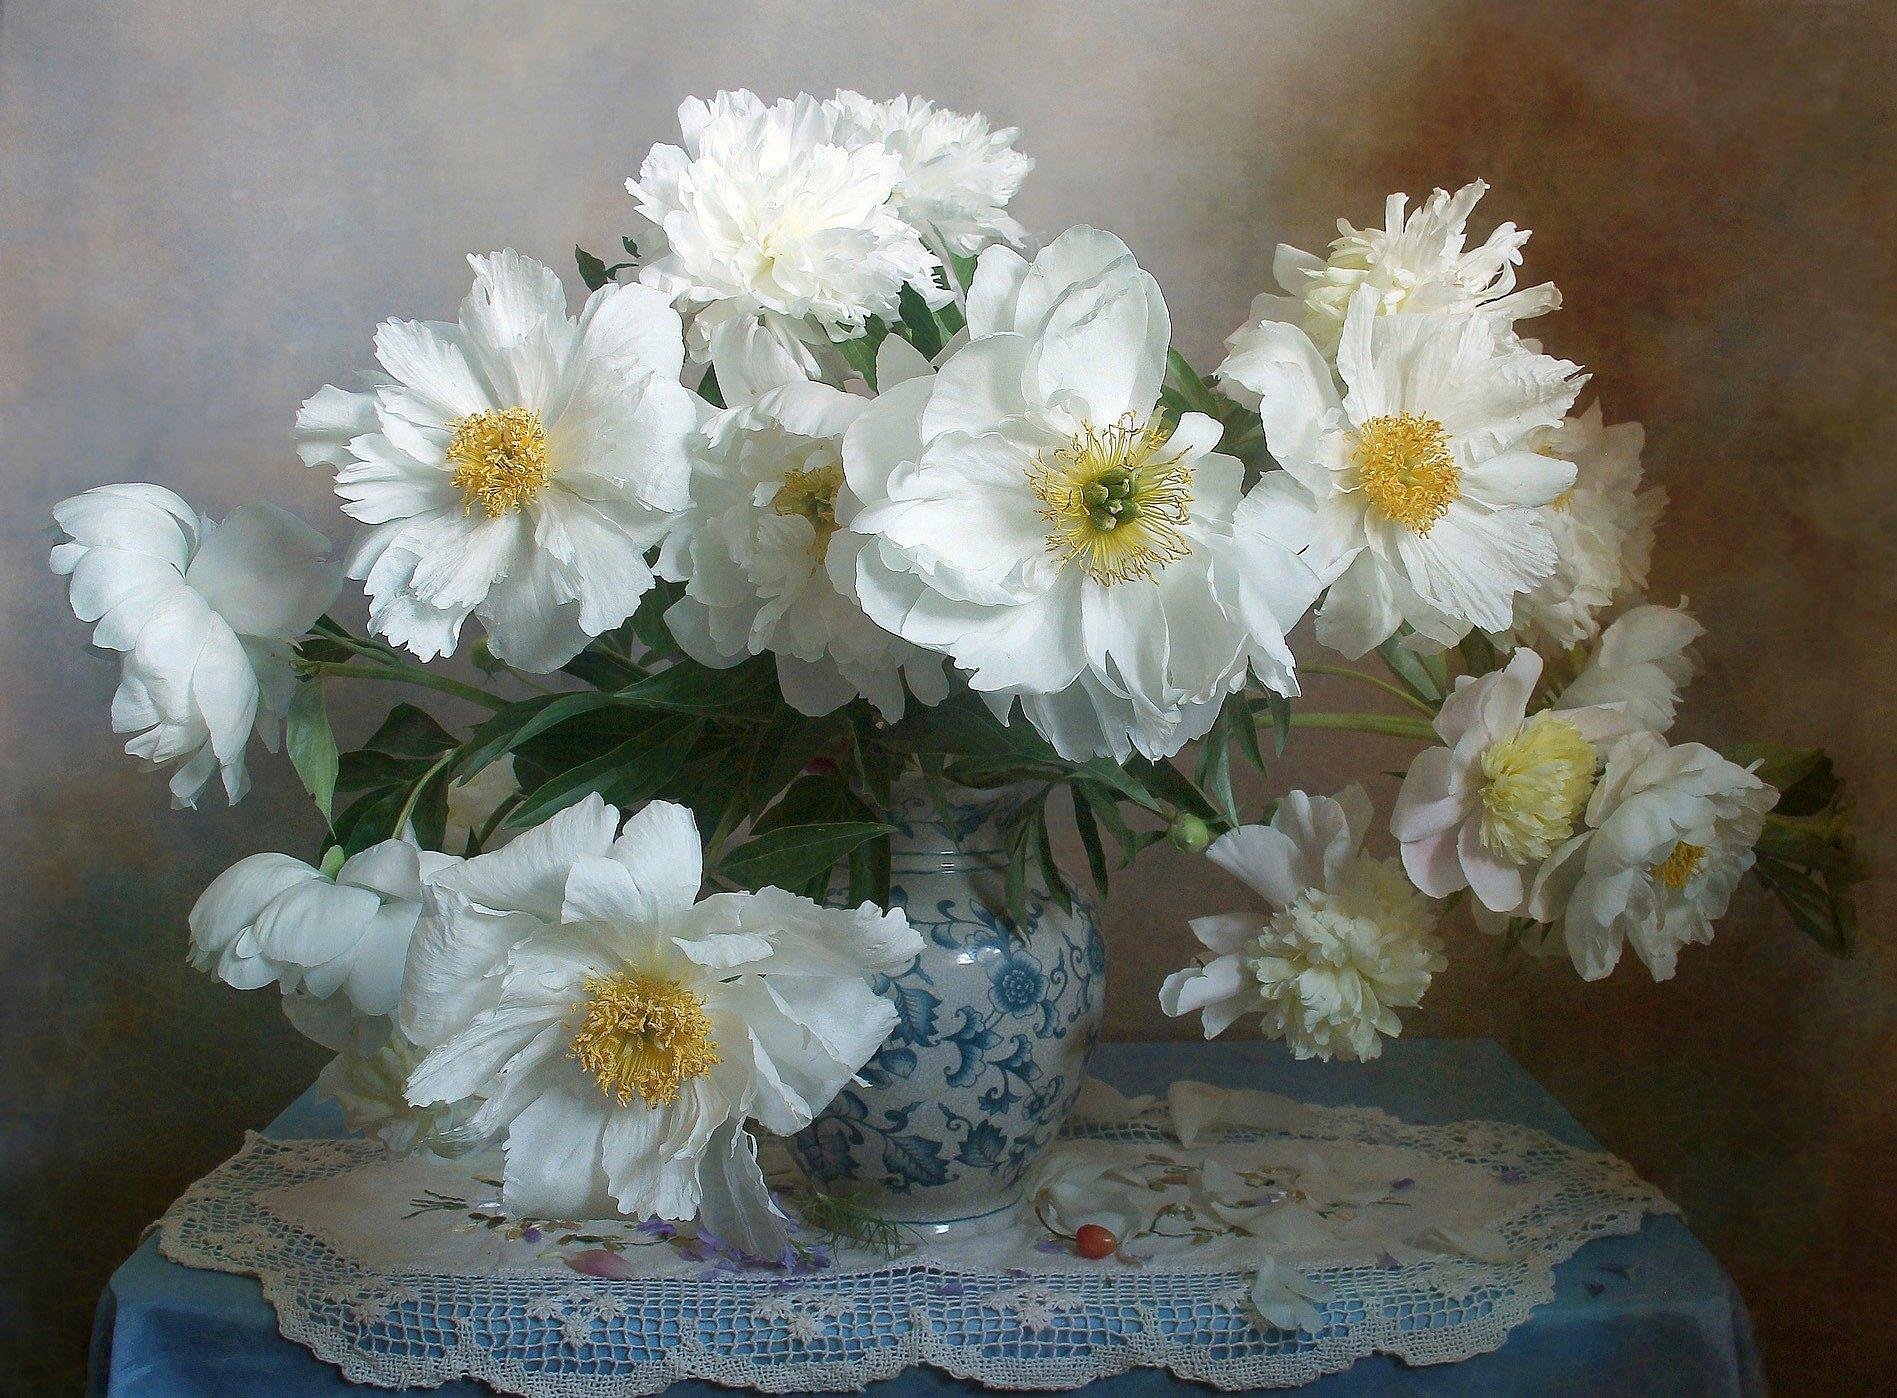 весна, натюрморт, букет цветов, пионы, марина филатова, Филатова Марина